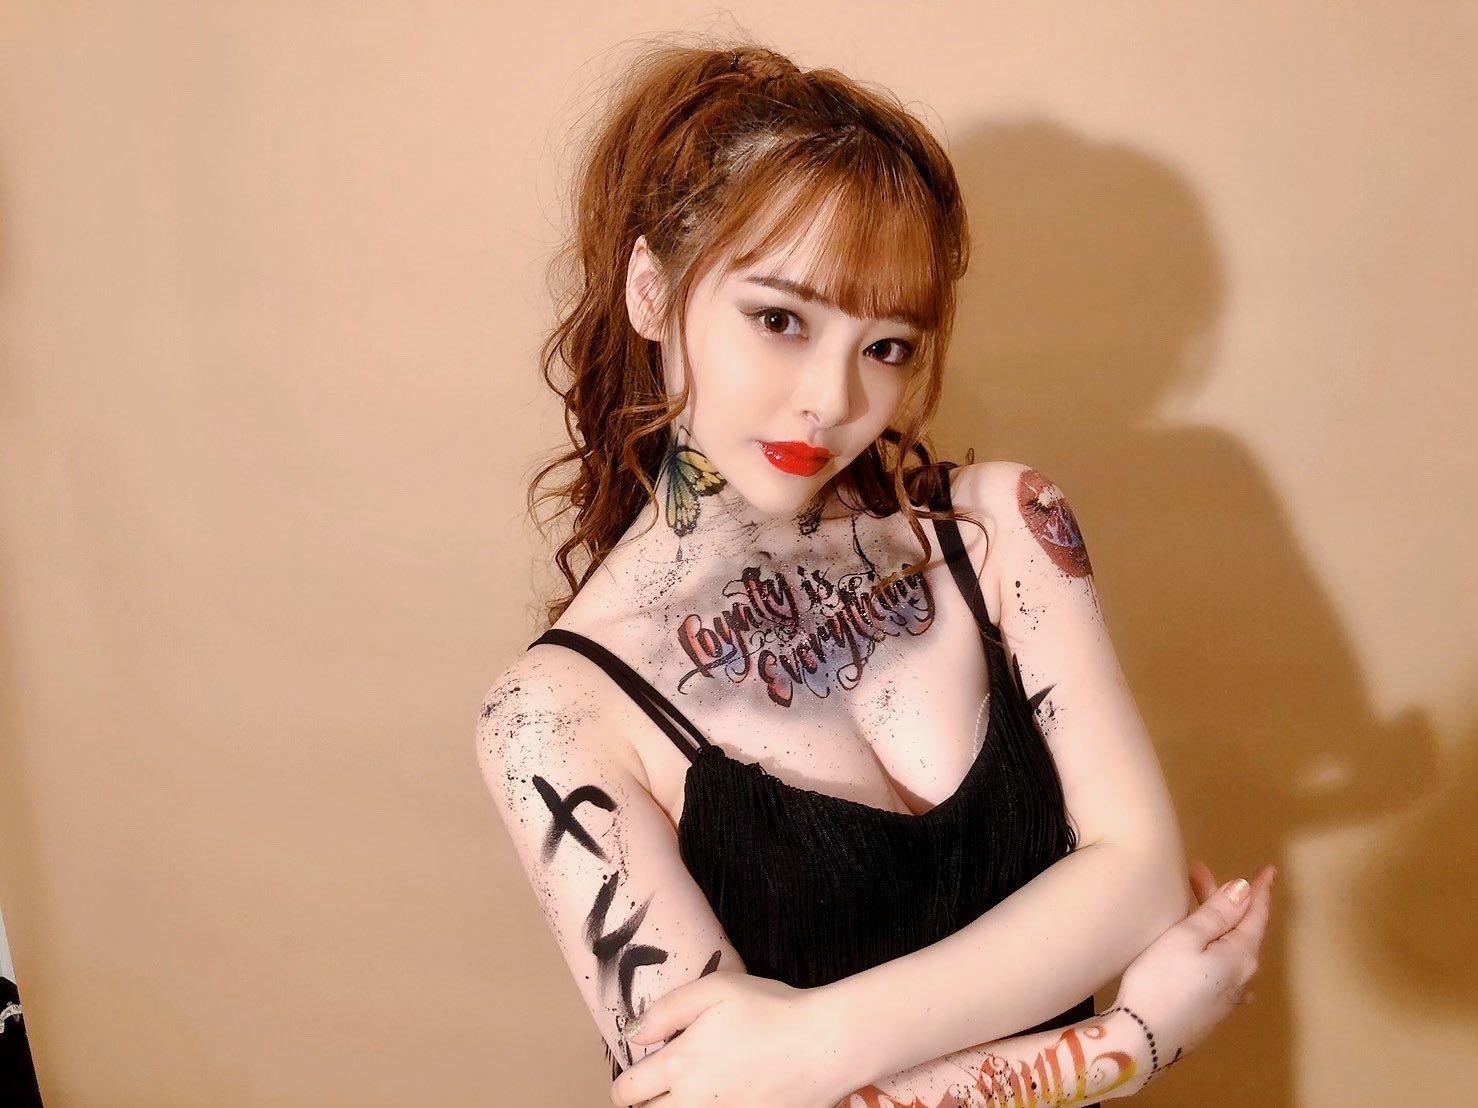 ogu_yuna 1255086084062474243_p1